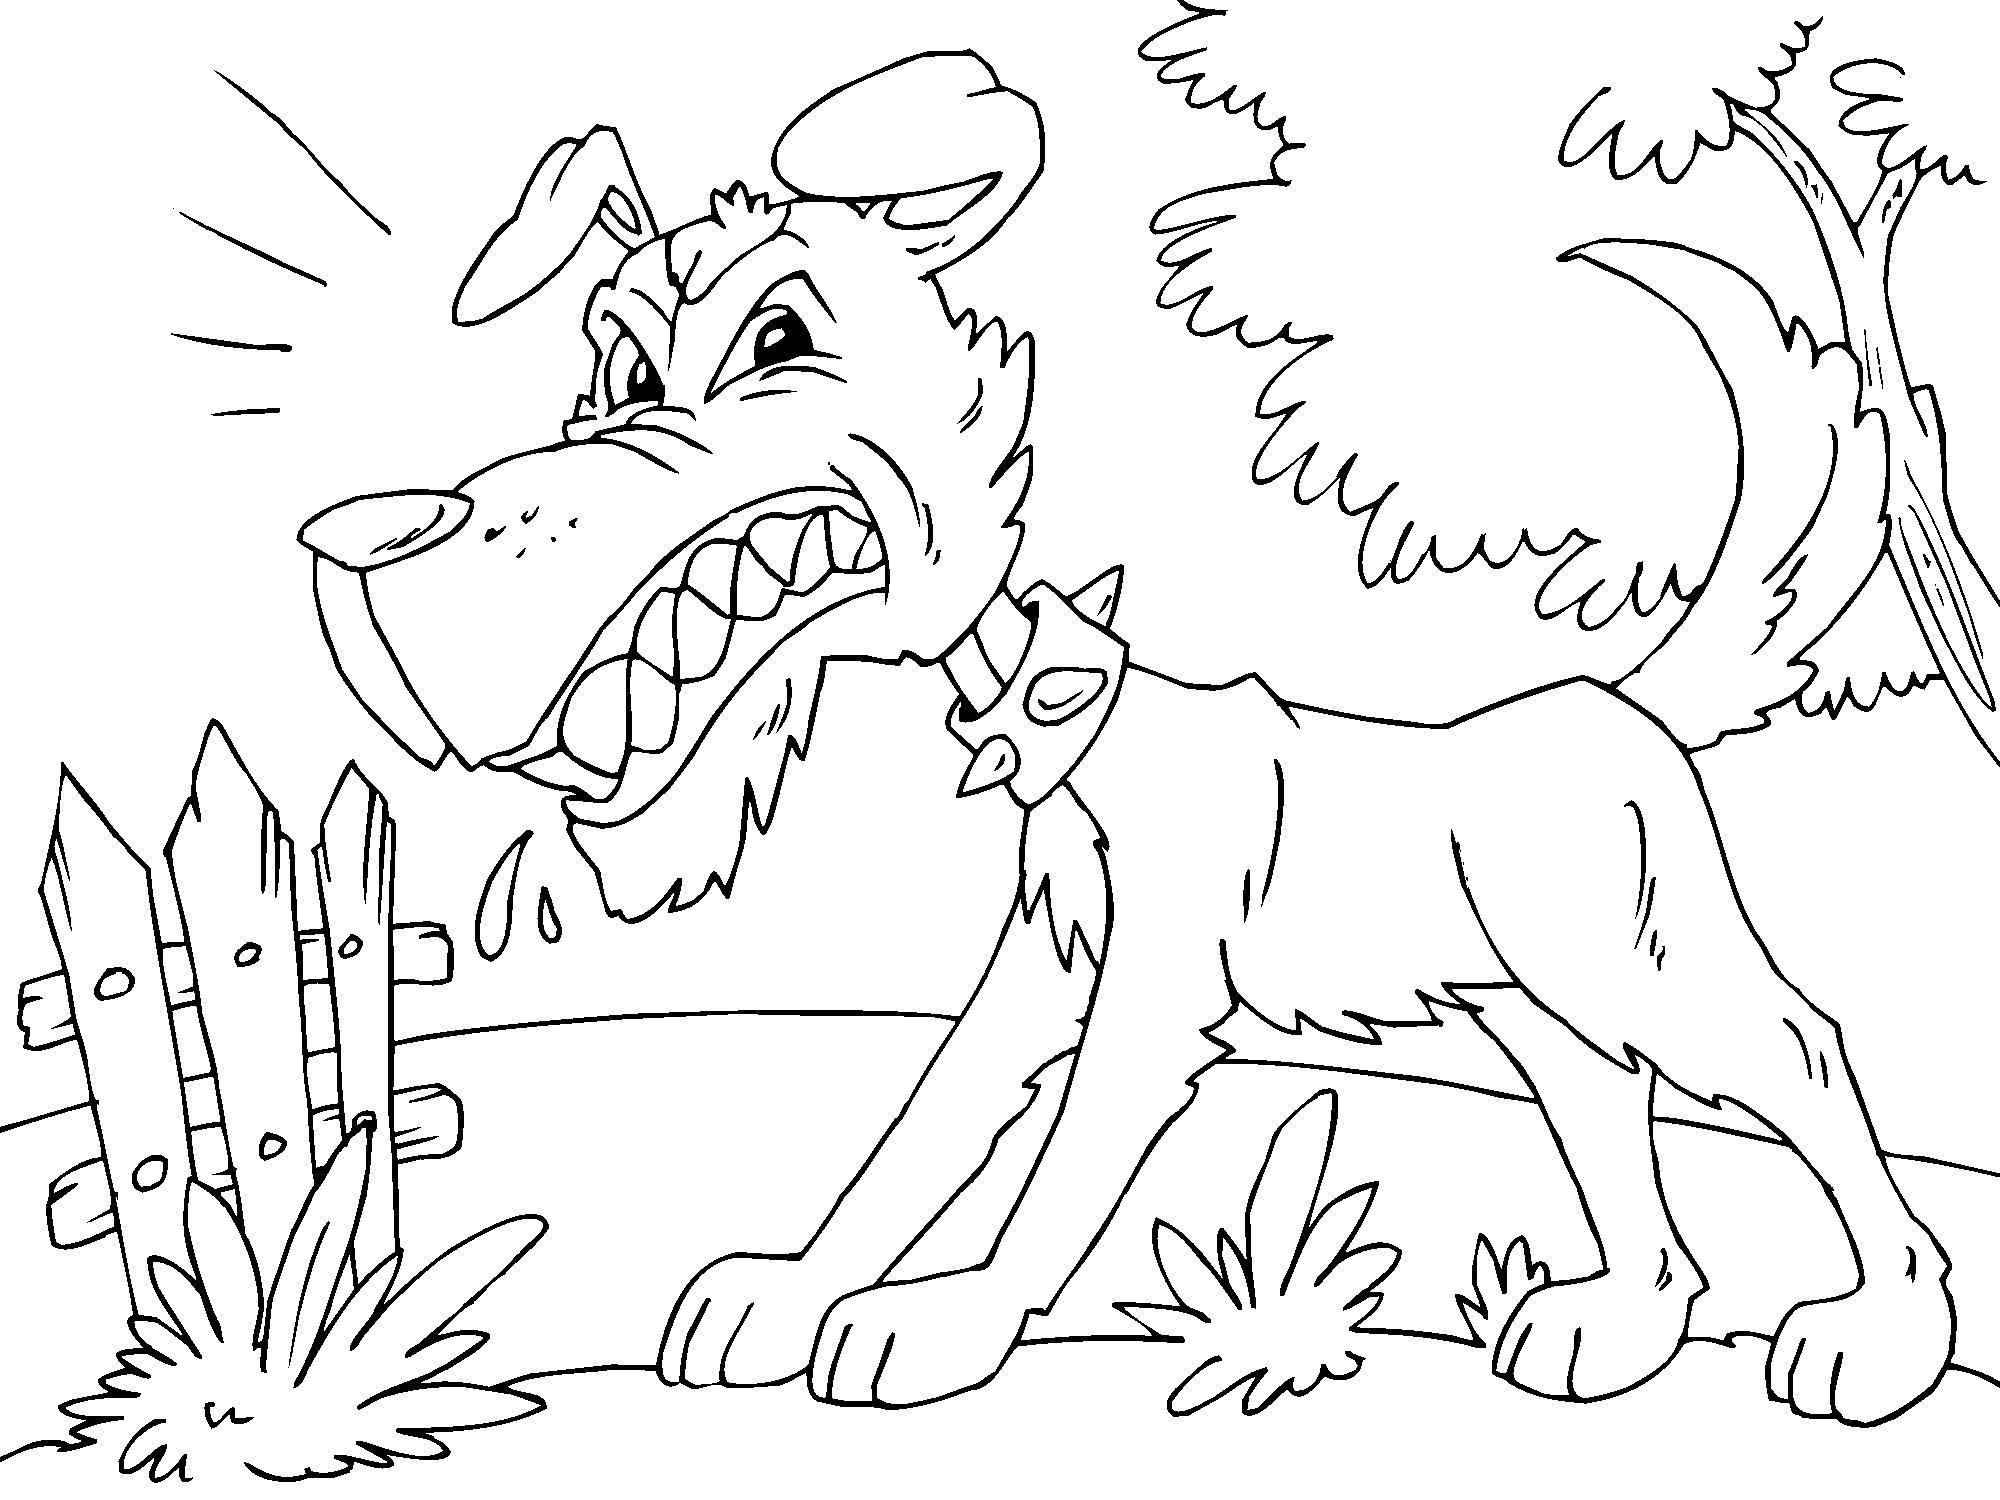 kleurplaat boze hond gratis kleurplaten om te printen